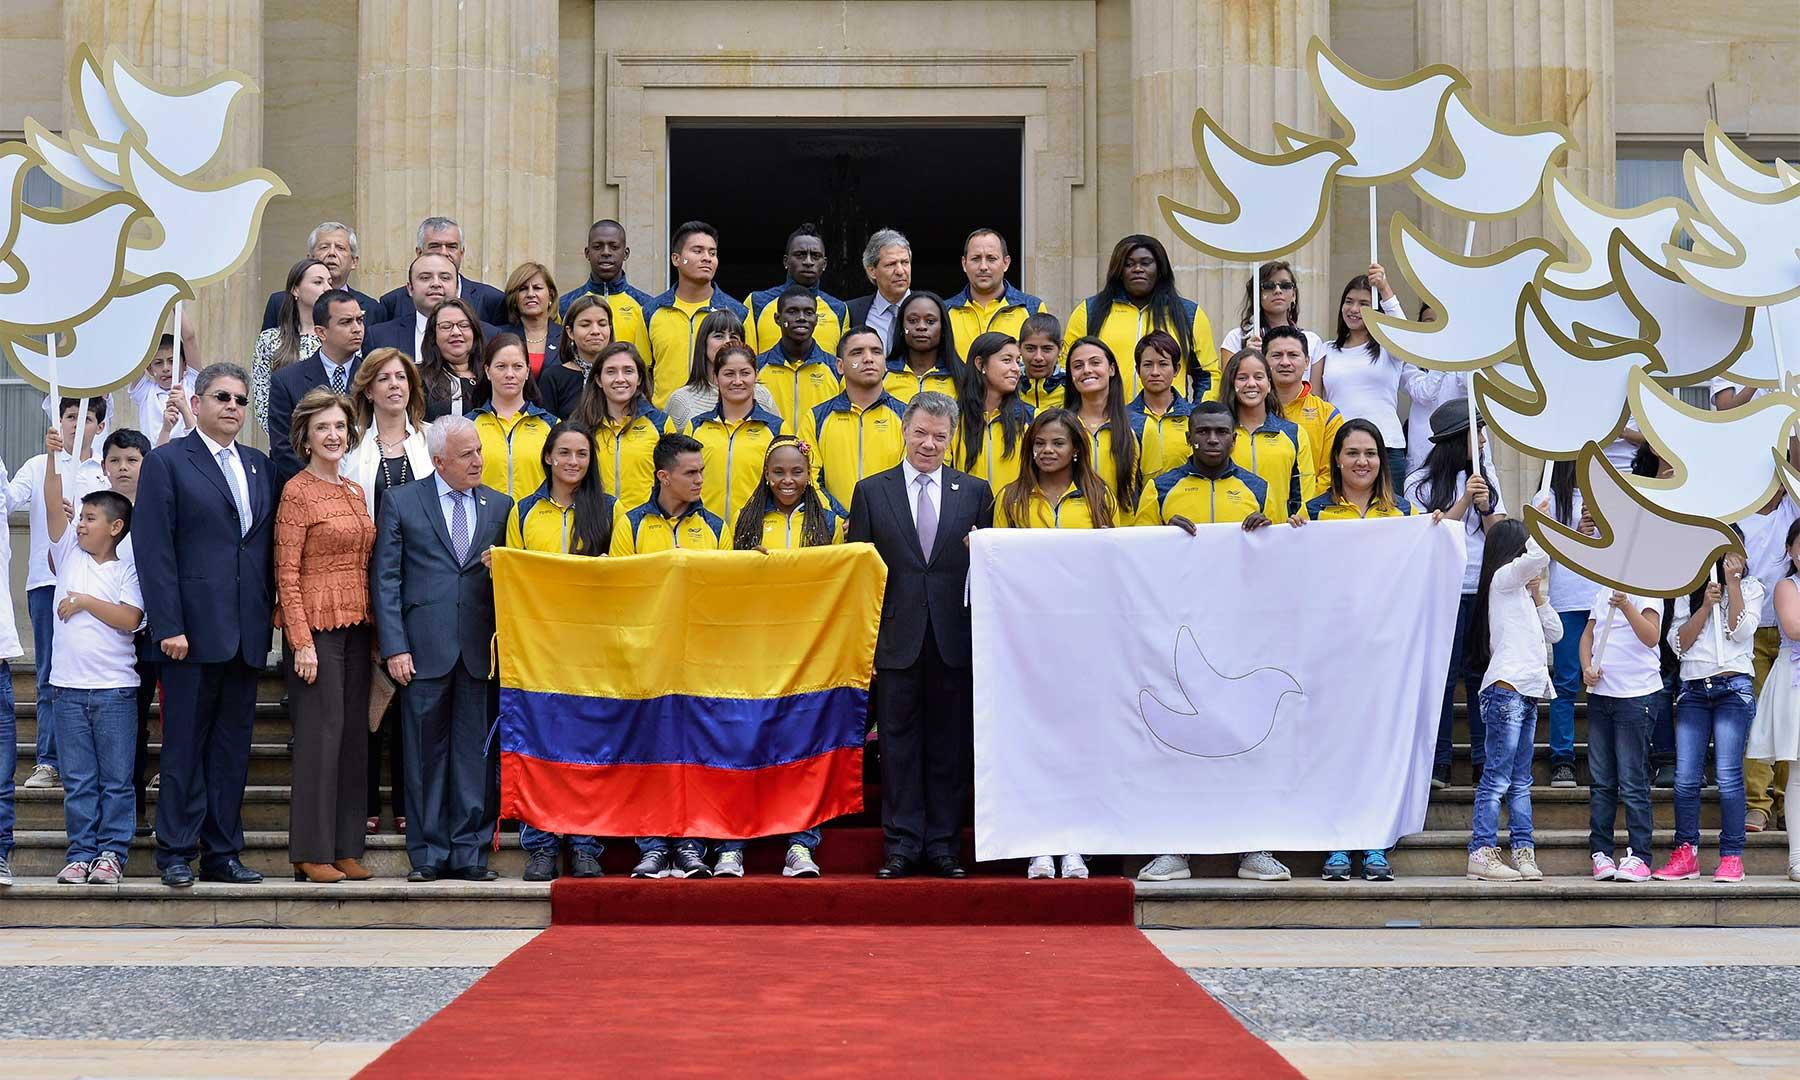 El Presidente Santos y una parte de la delegación colombiana que competirá en agosto próximo en los Olímpicos de Río. Los deportistas colombianos representan los valores de la disciplina, del esfuerzo y del trabajo en equipo, dijo el Mandatario.